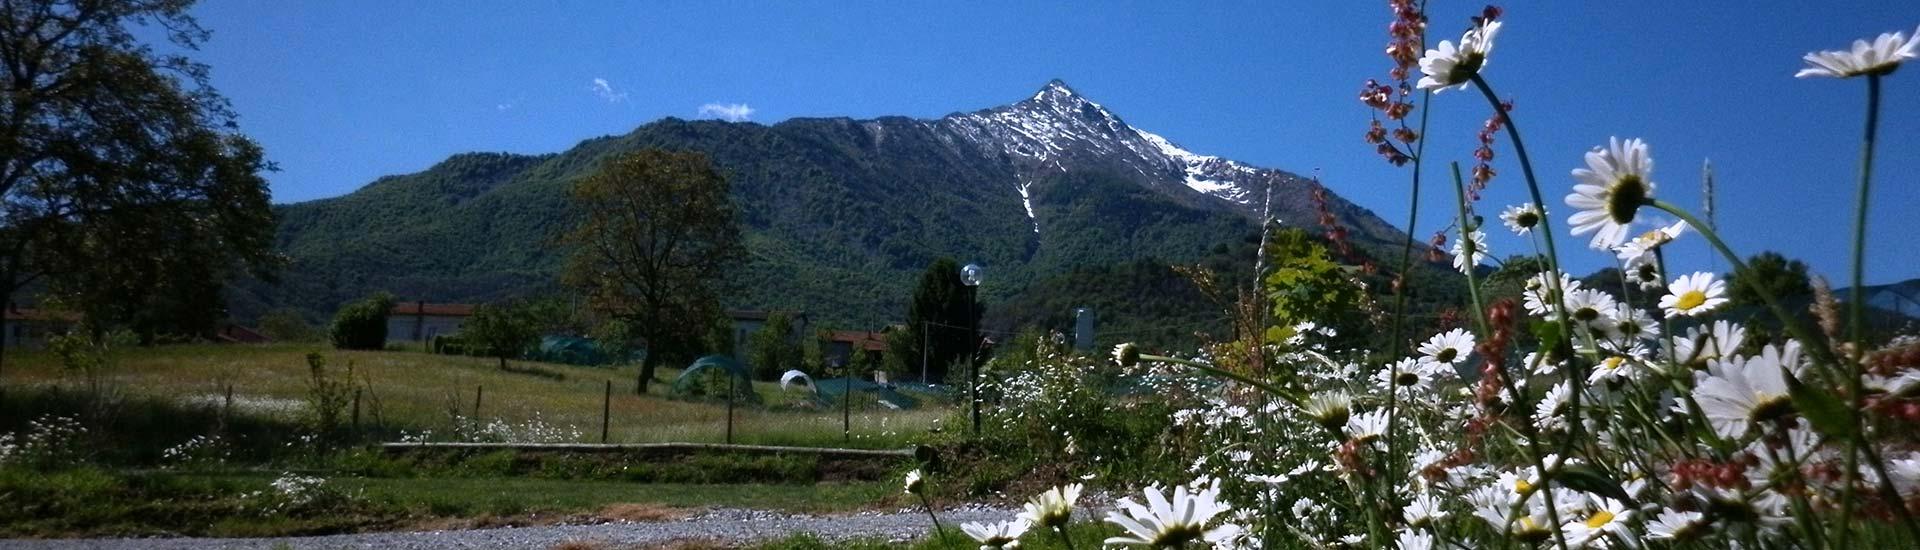 camping-il-melo-slide1